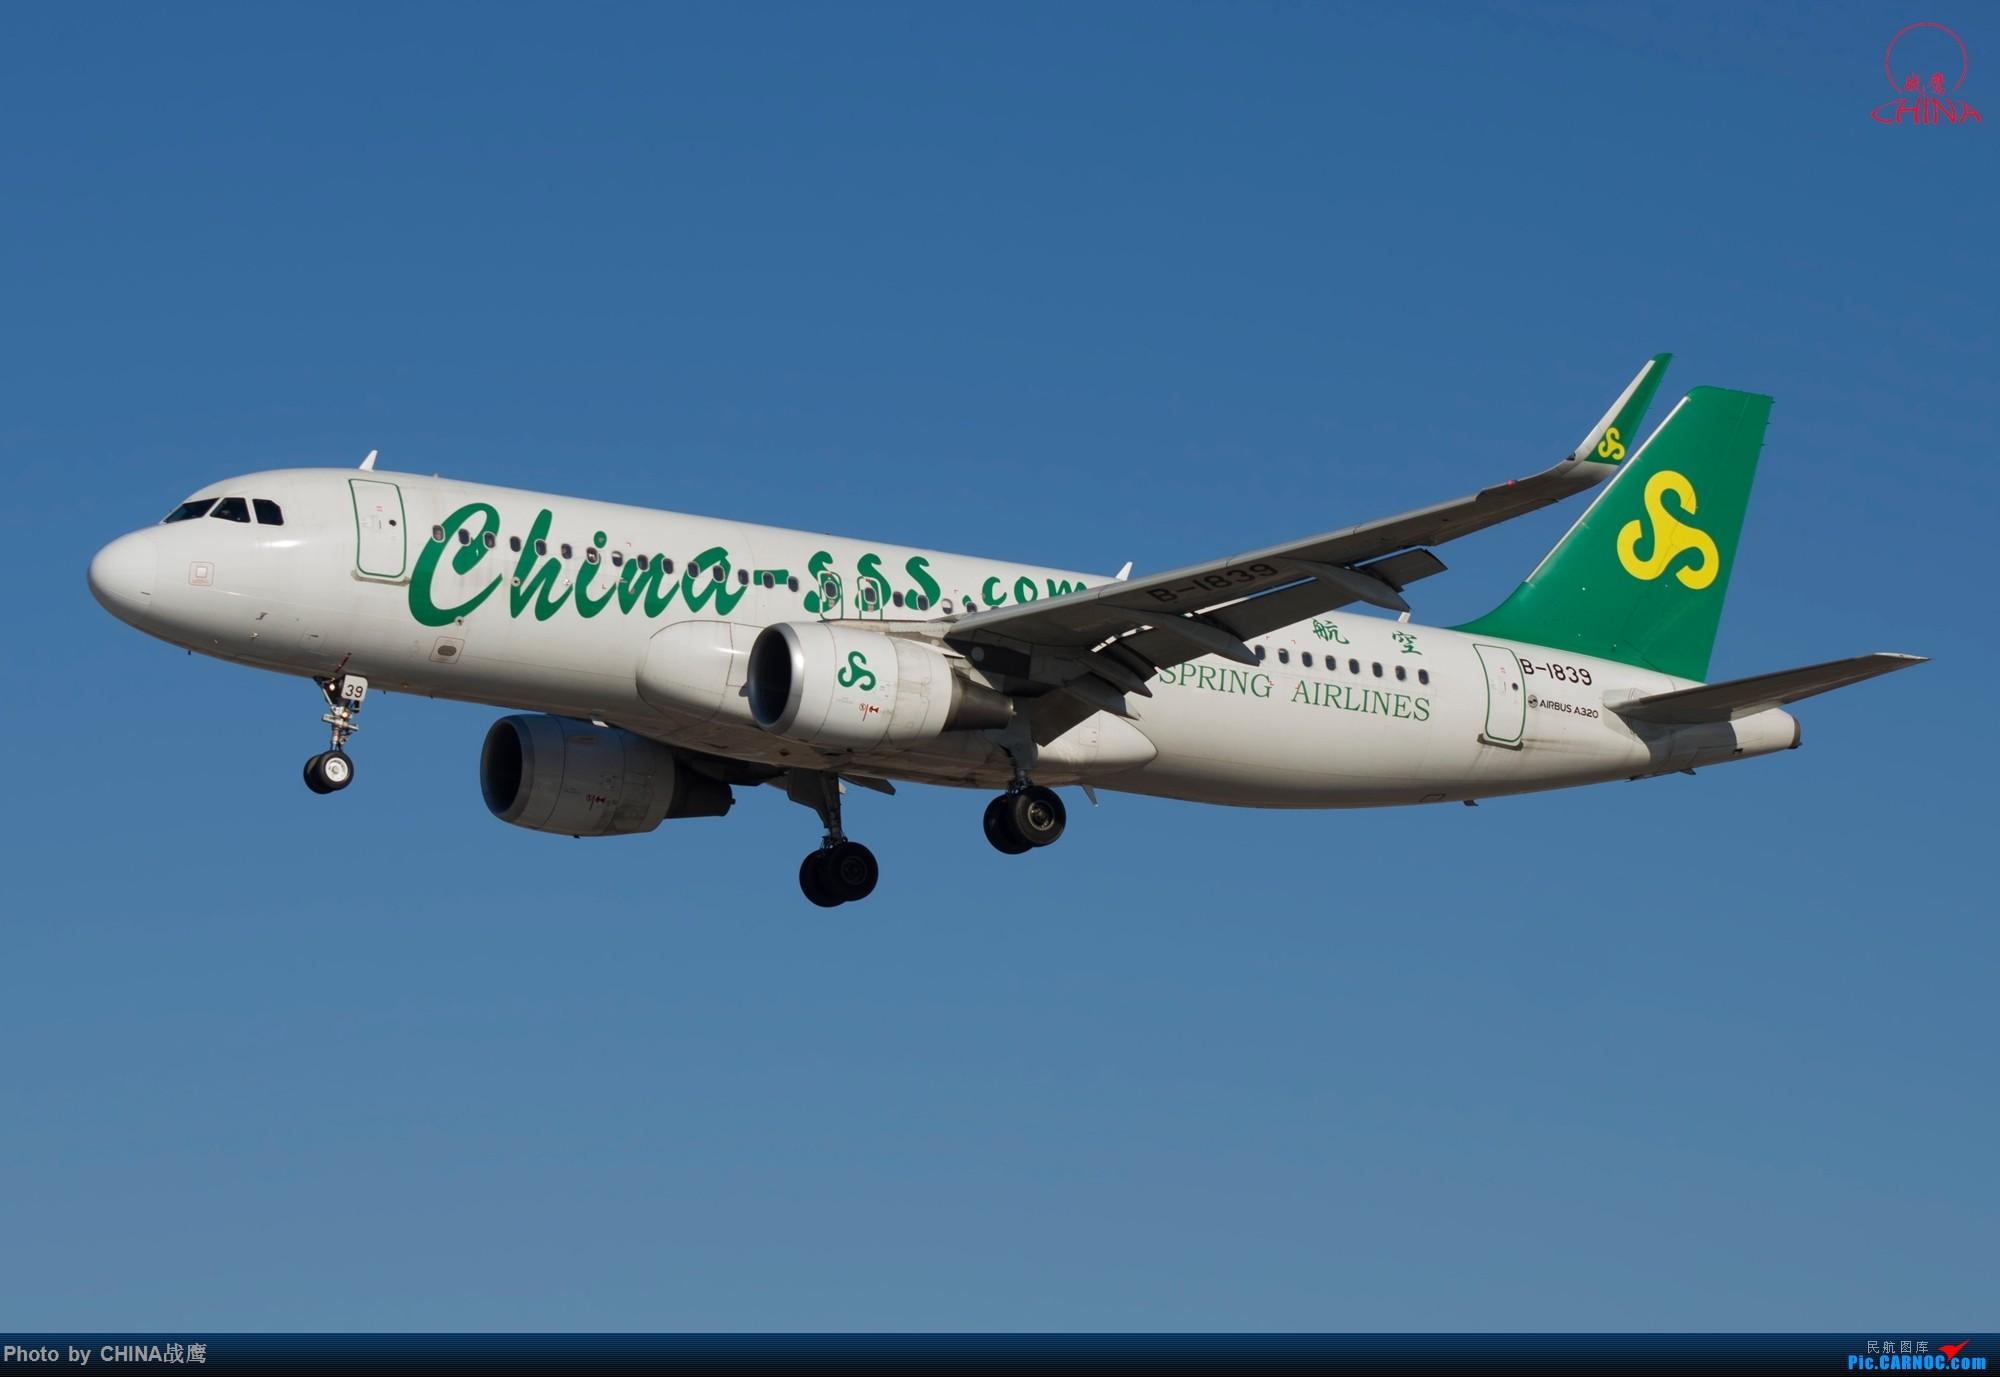 Re:[原创]拍飞机的乐趣 AIRBUS A320-200 B-1839 中国沈阳桃仙国际机场